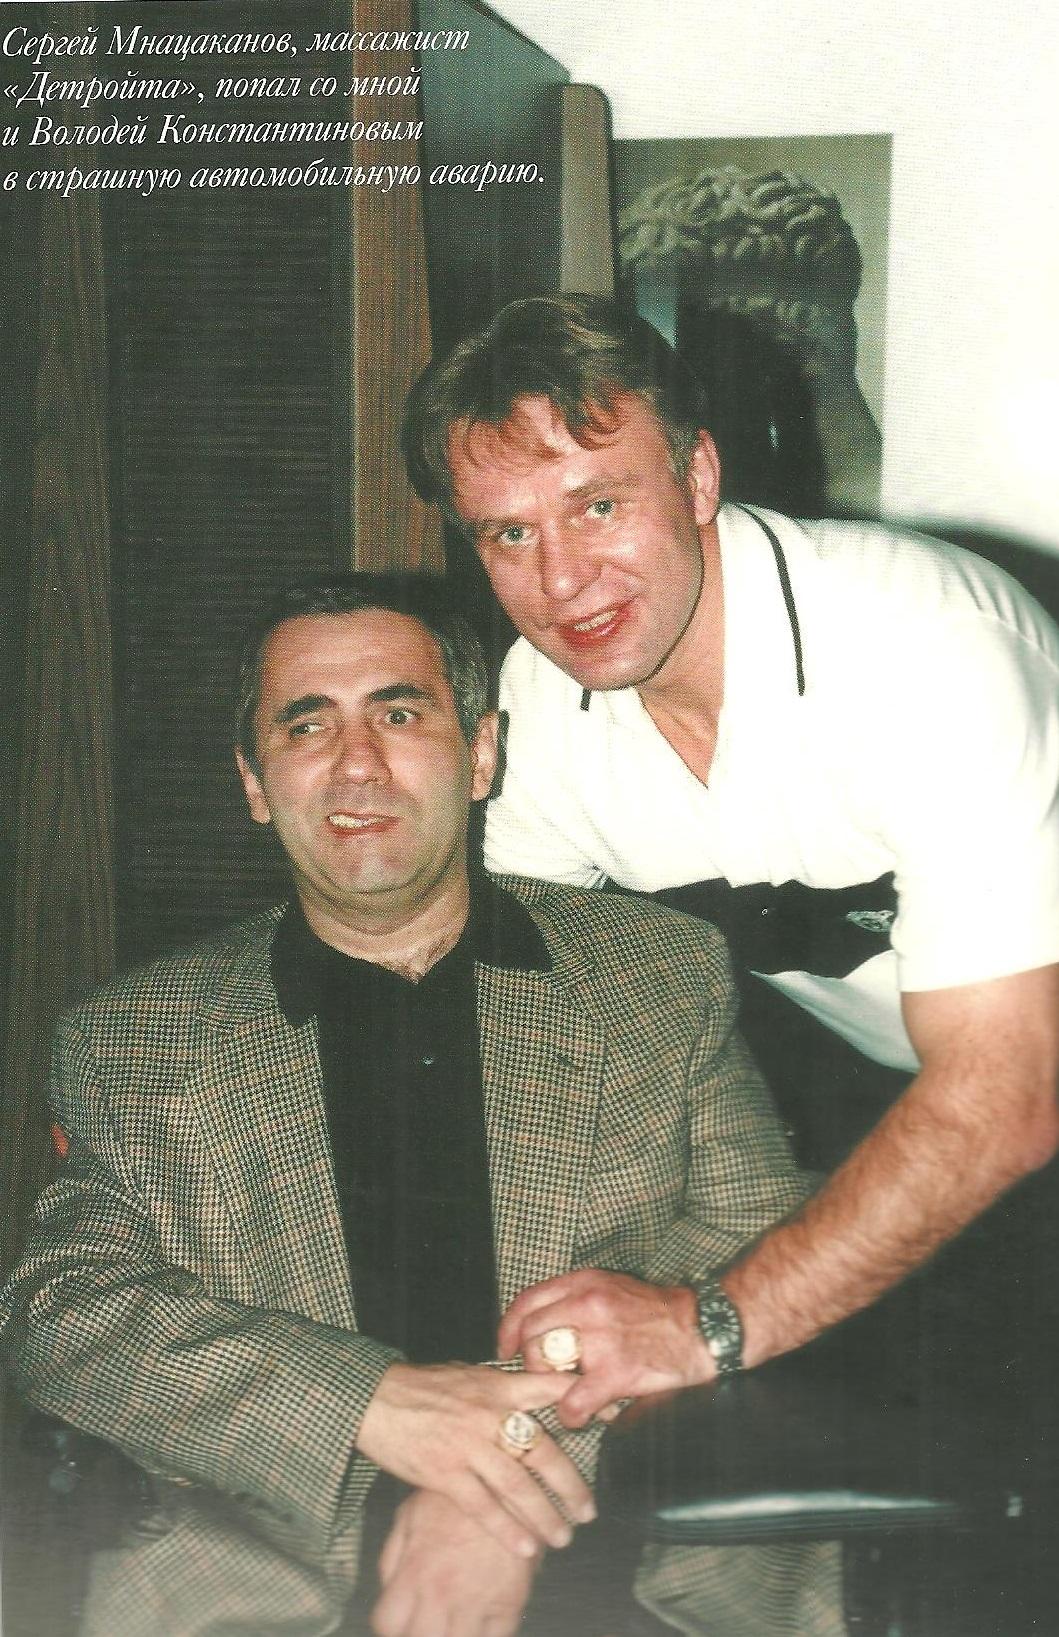 Сергей Мнацаканов и Вячеслав Фетисов-после аварии.jpg